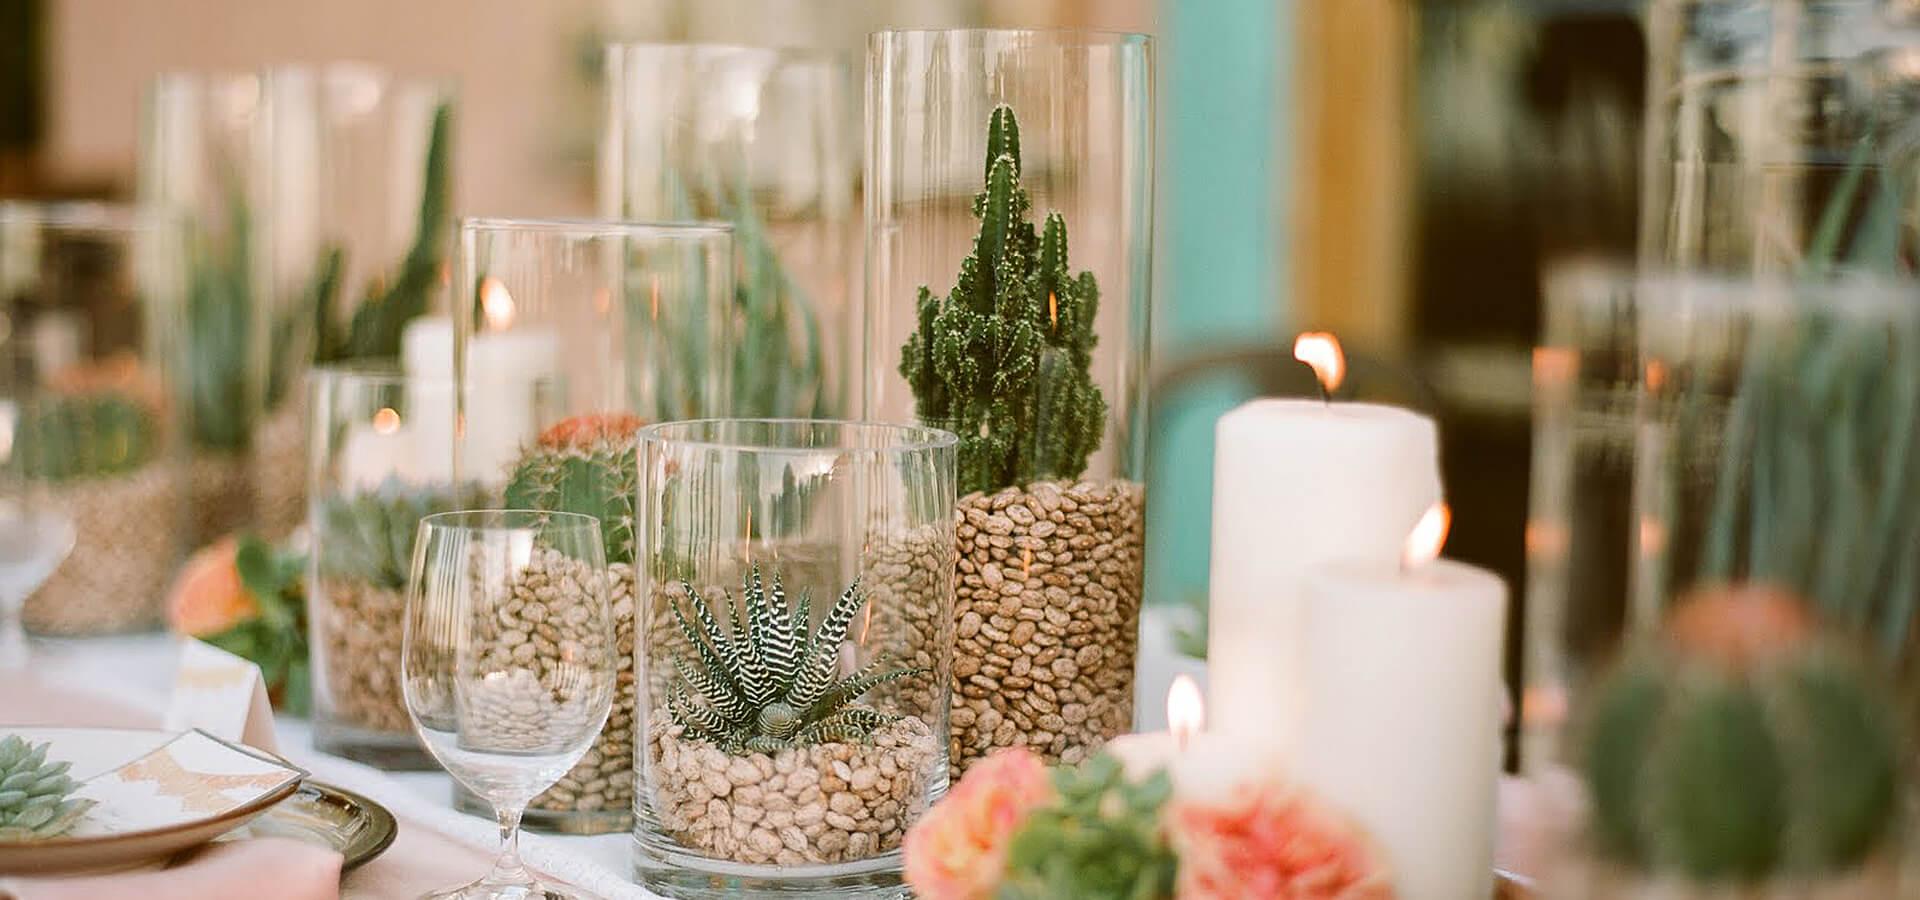 Свадьба в эко стиле - тренд 2017 года